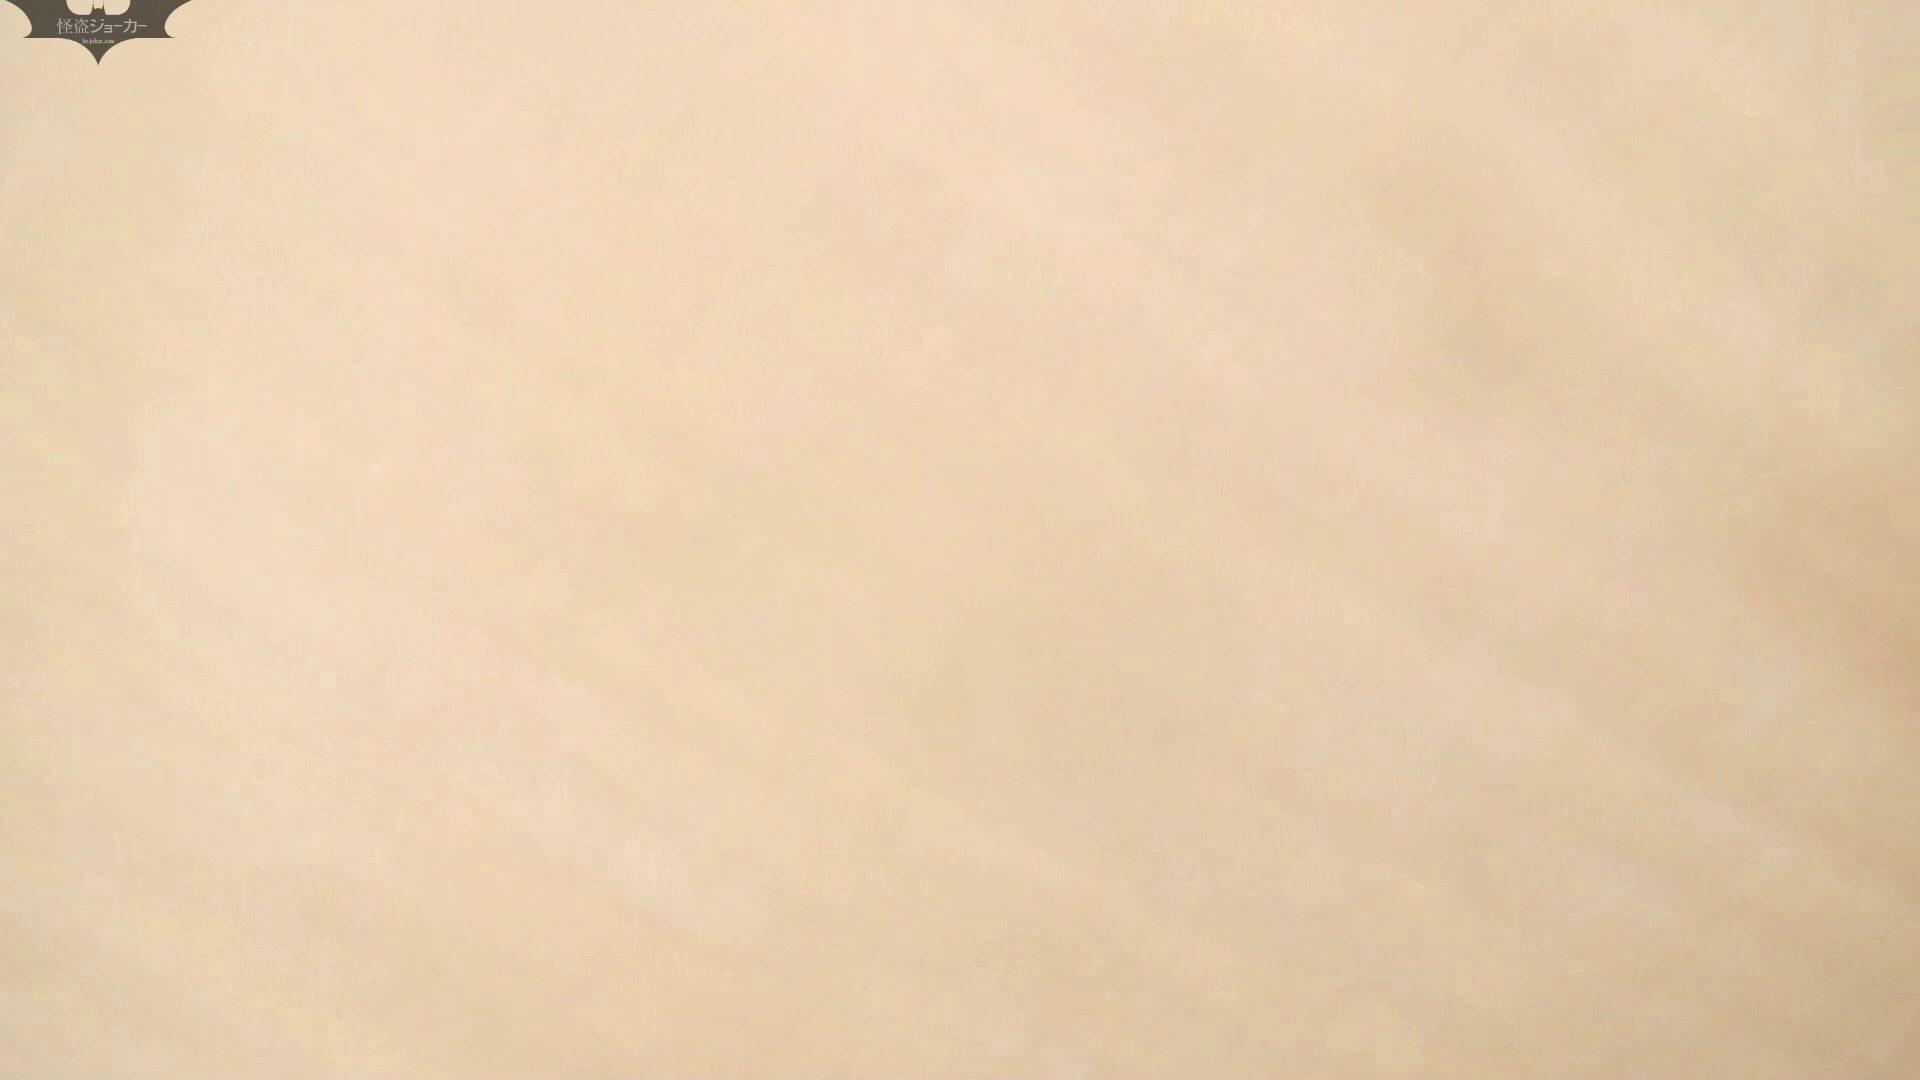 阿国ちゃんの和式洋式七変化 Vol.24 すっごくピクピクしてます。 エロいOL われめAV動画紹介 107枚